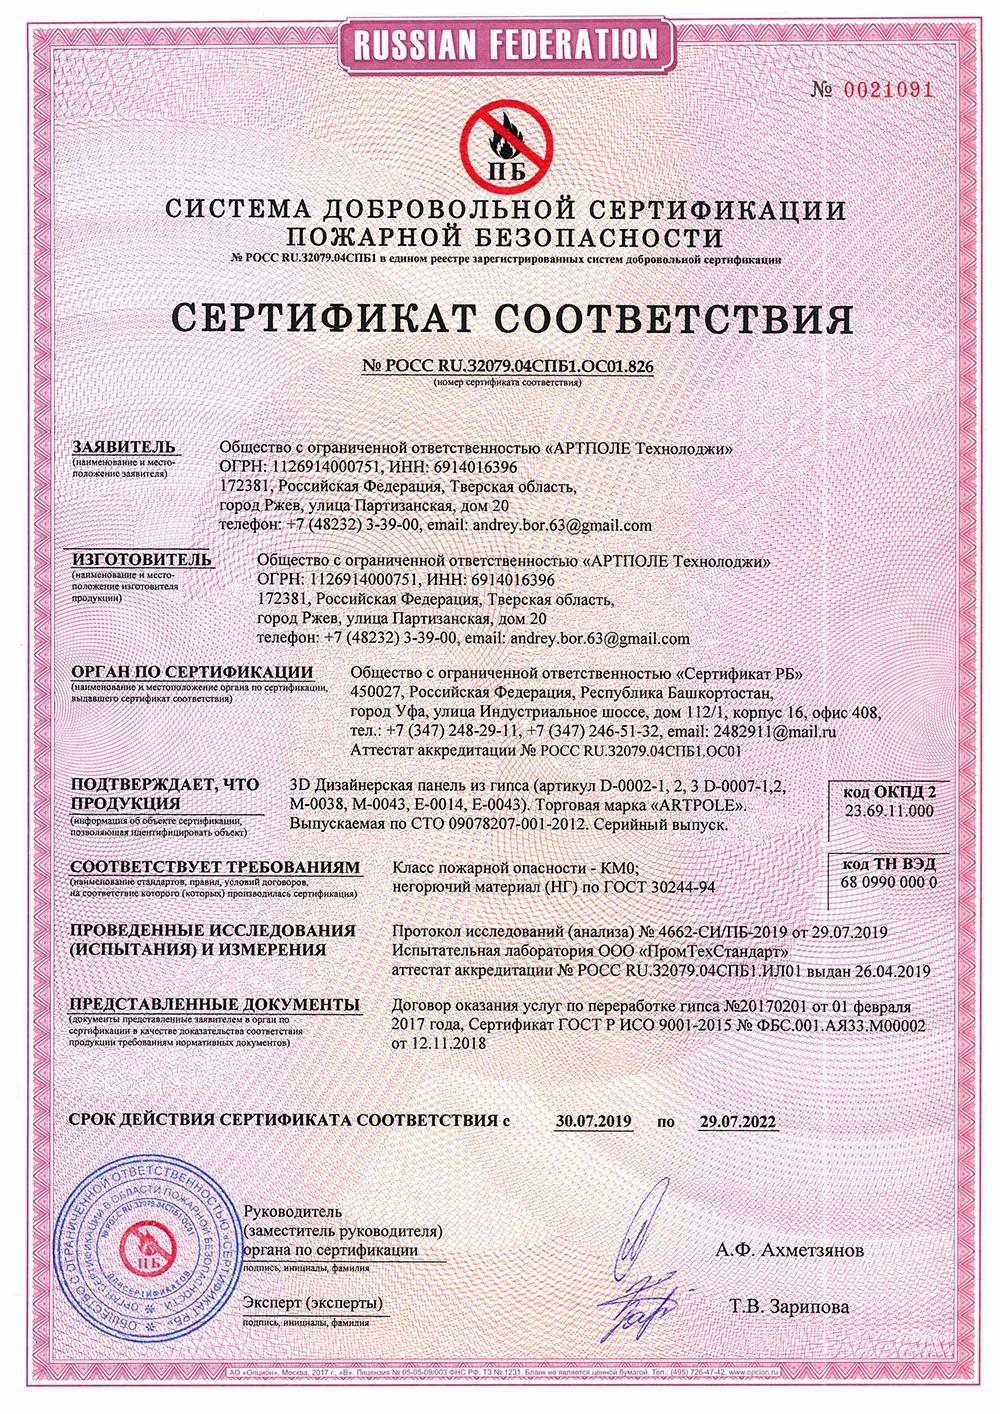 Артполе пожарный сертификат